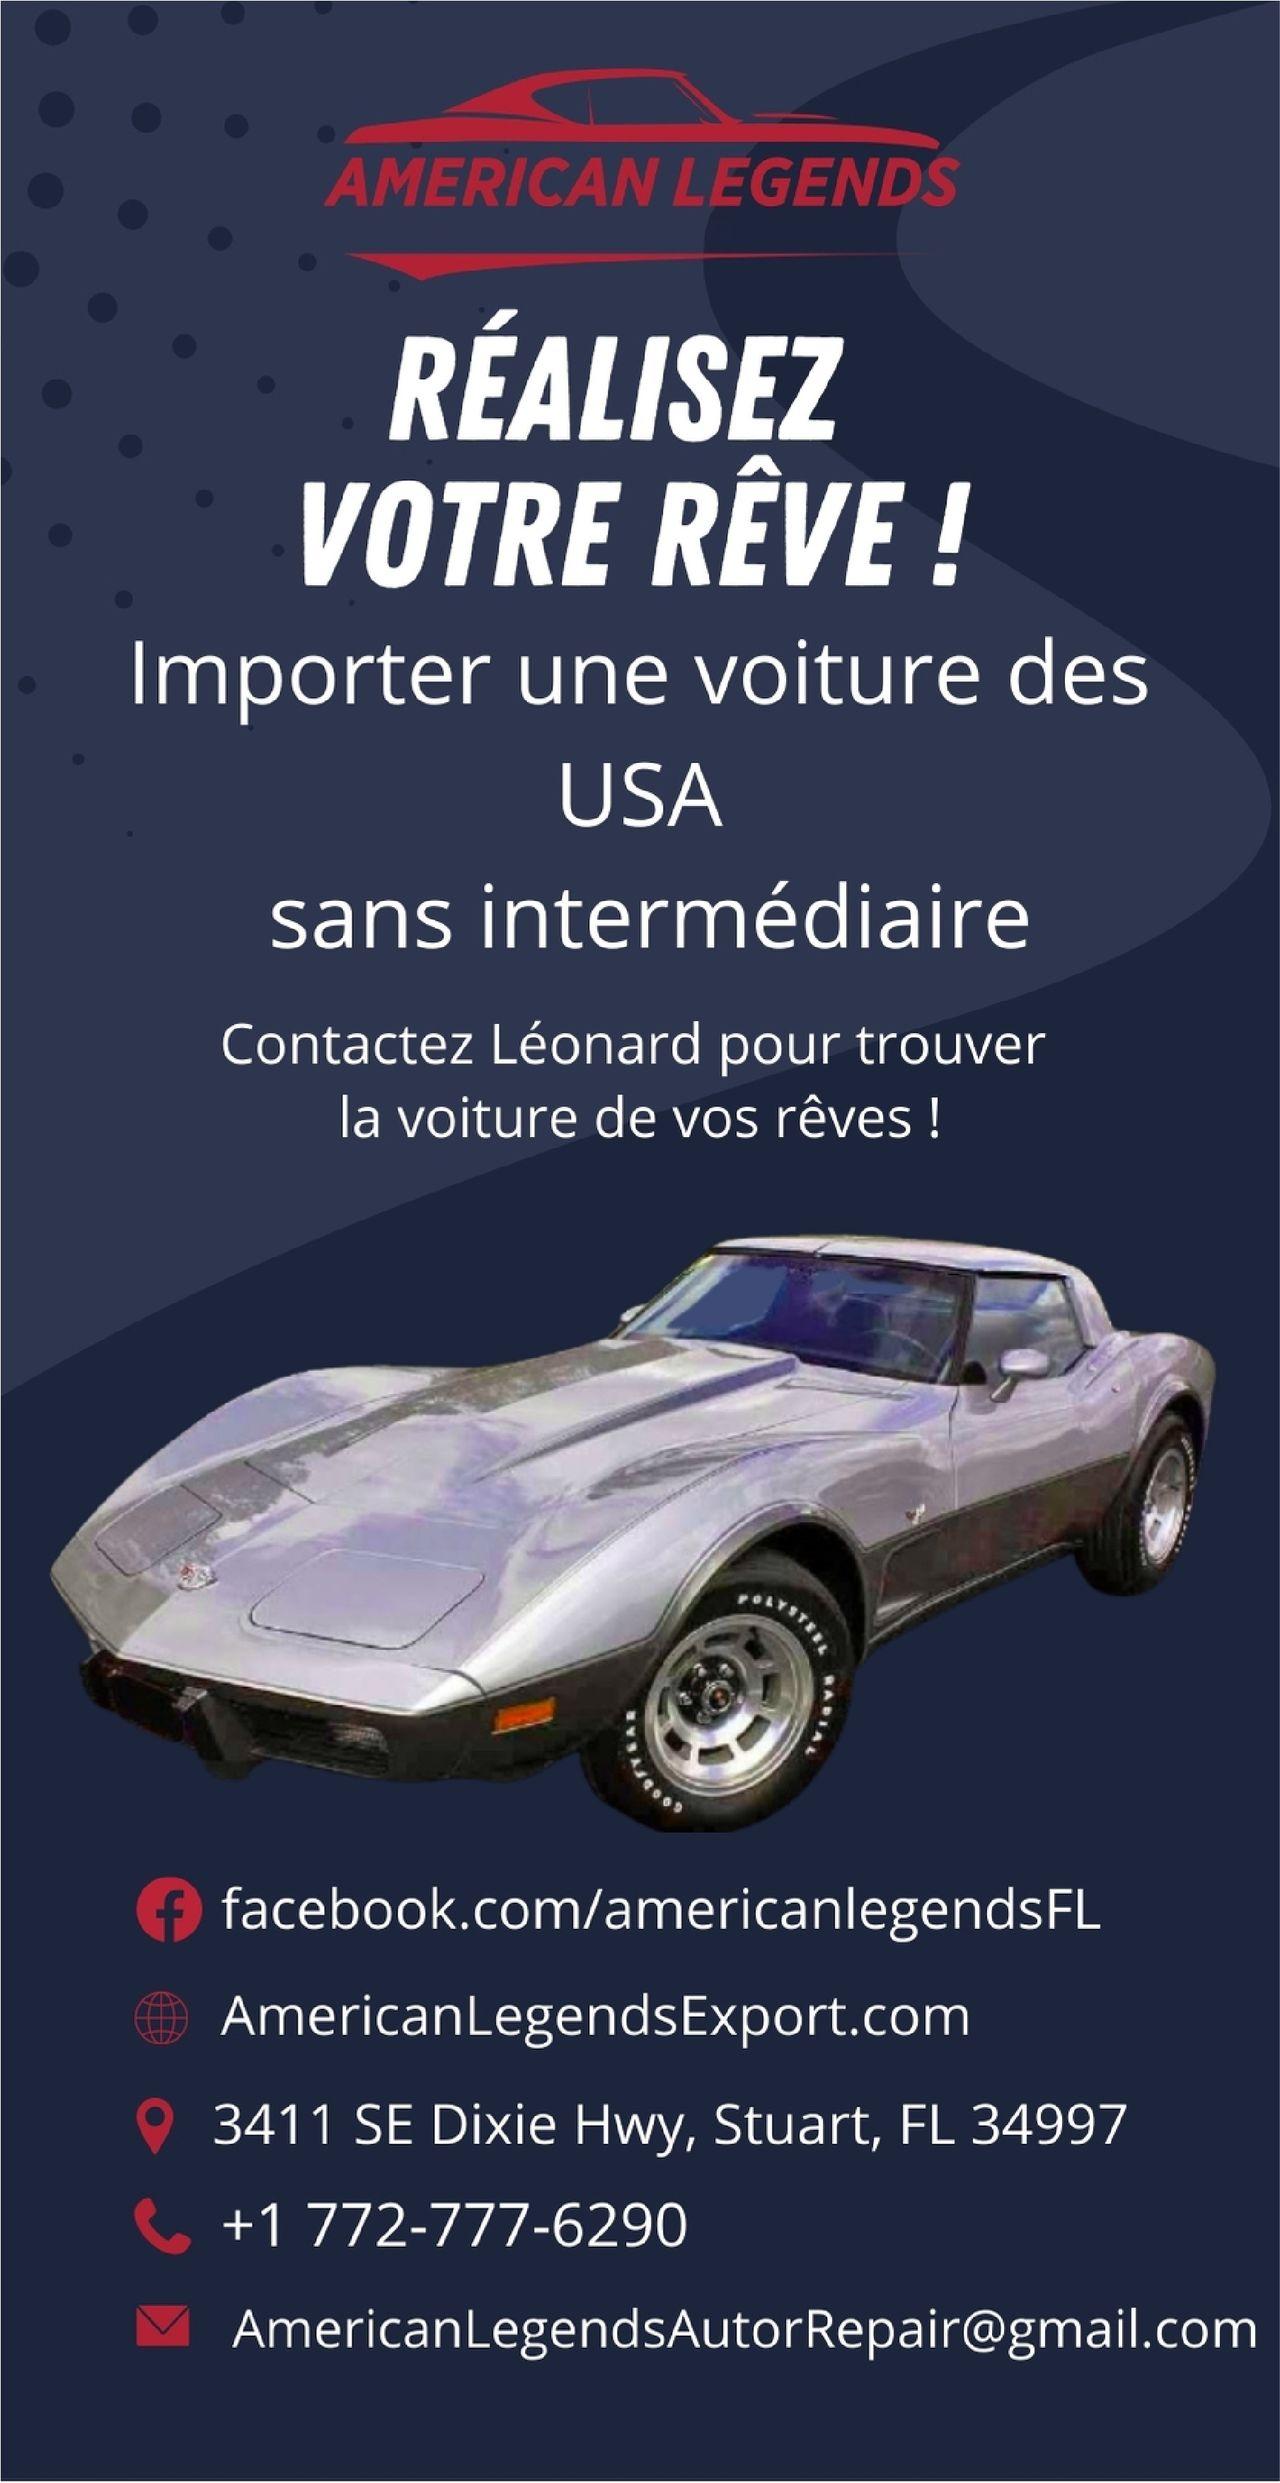 American Legends importer une voiture américaine en France